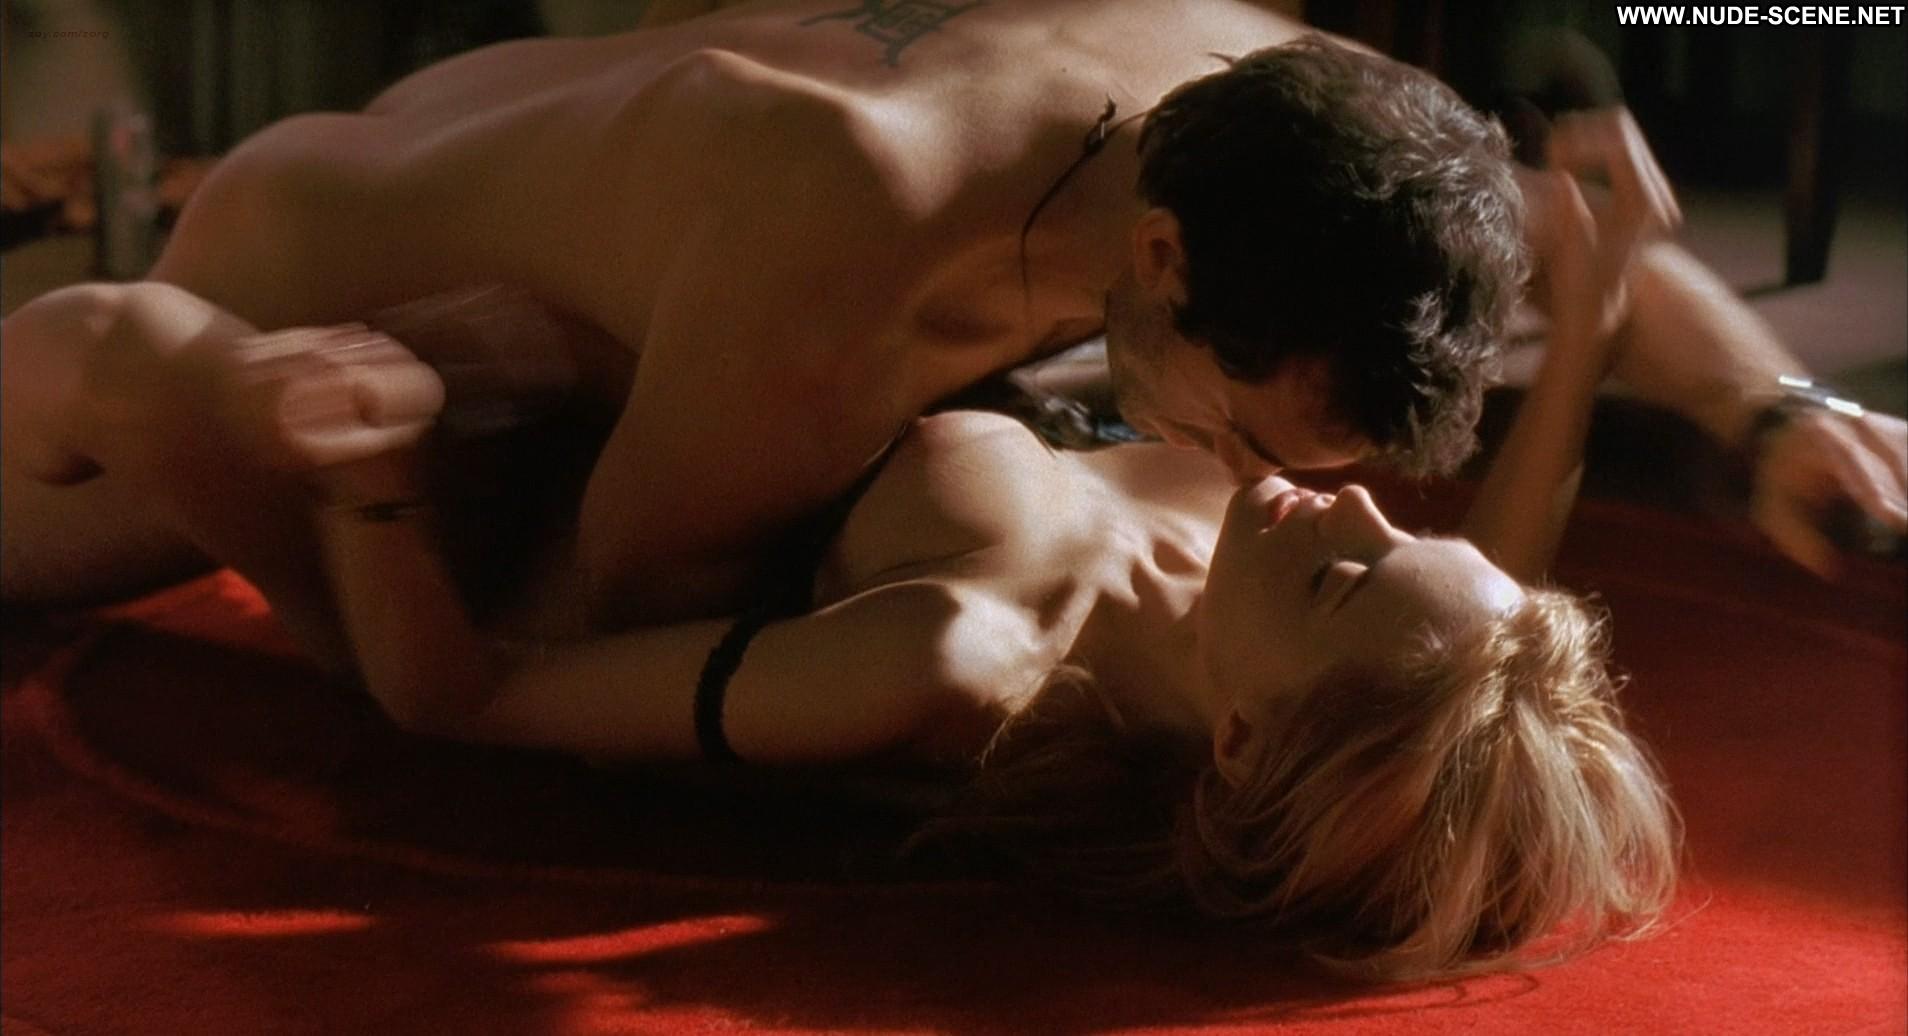 Best Celebrity Nude Scenes